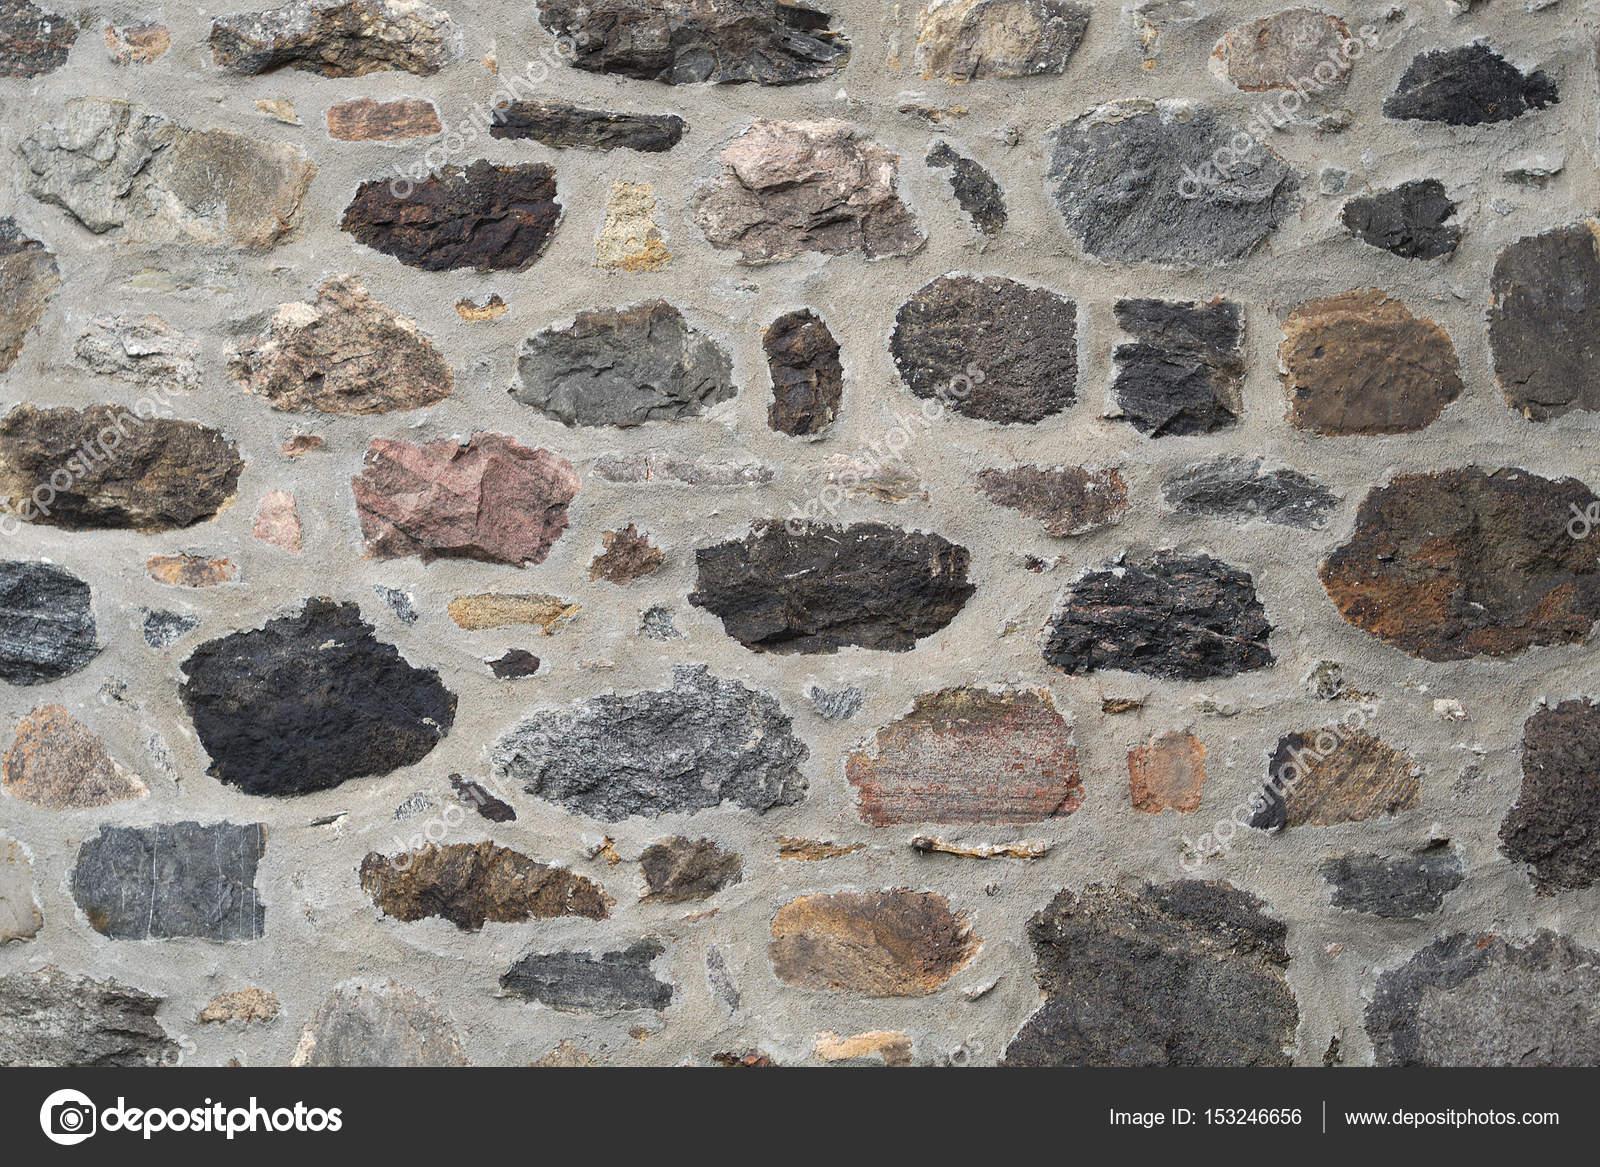 stein und beton-wand, felsen farbe feldsteinen textur hintergrund